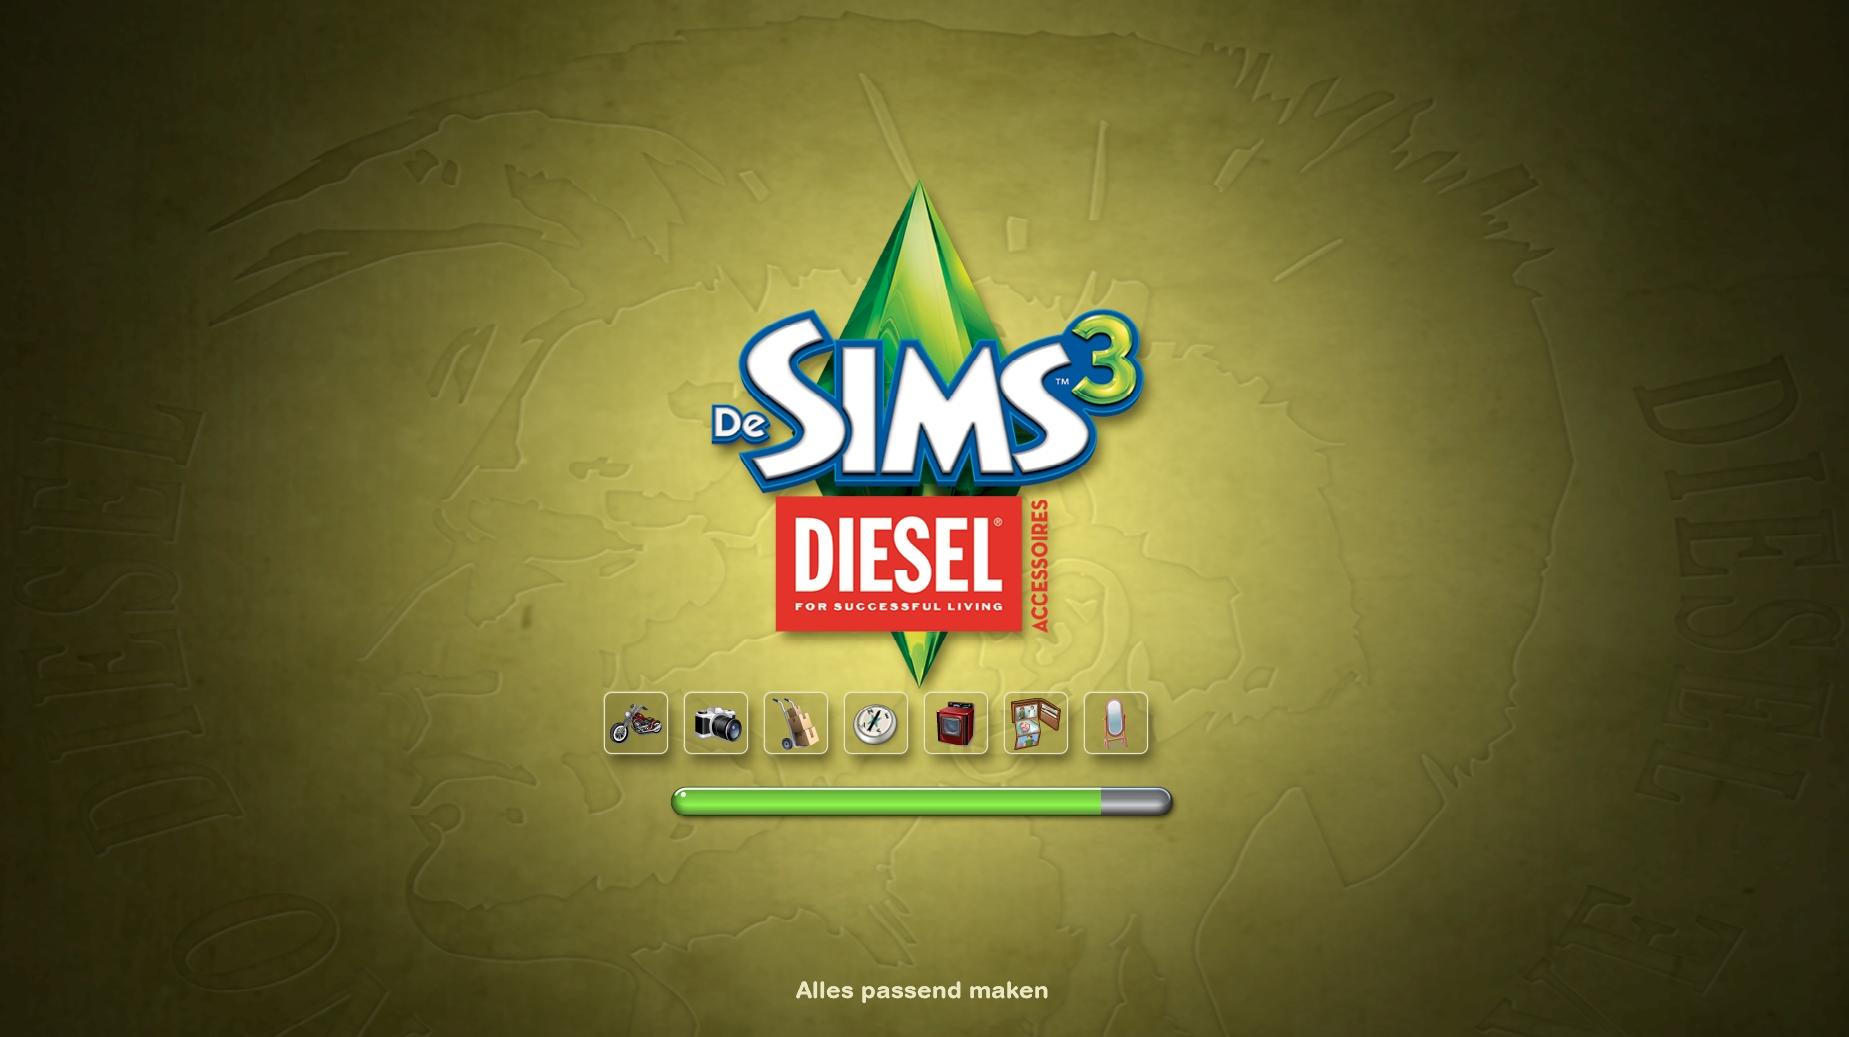 Sn review de sims 3 diesel accessoires sims nieuws - Eigentijdse patio meubels ...